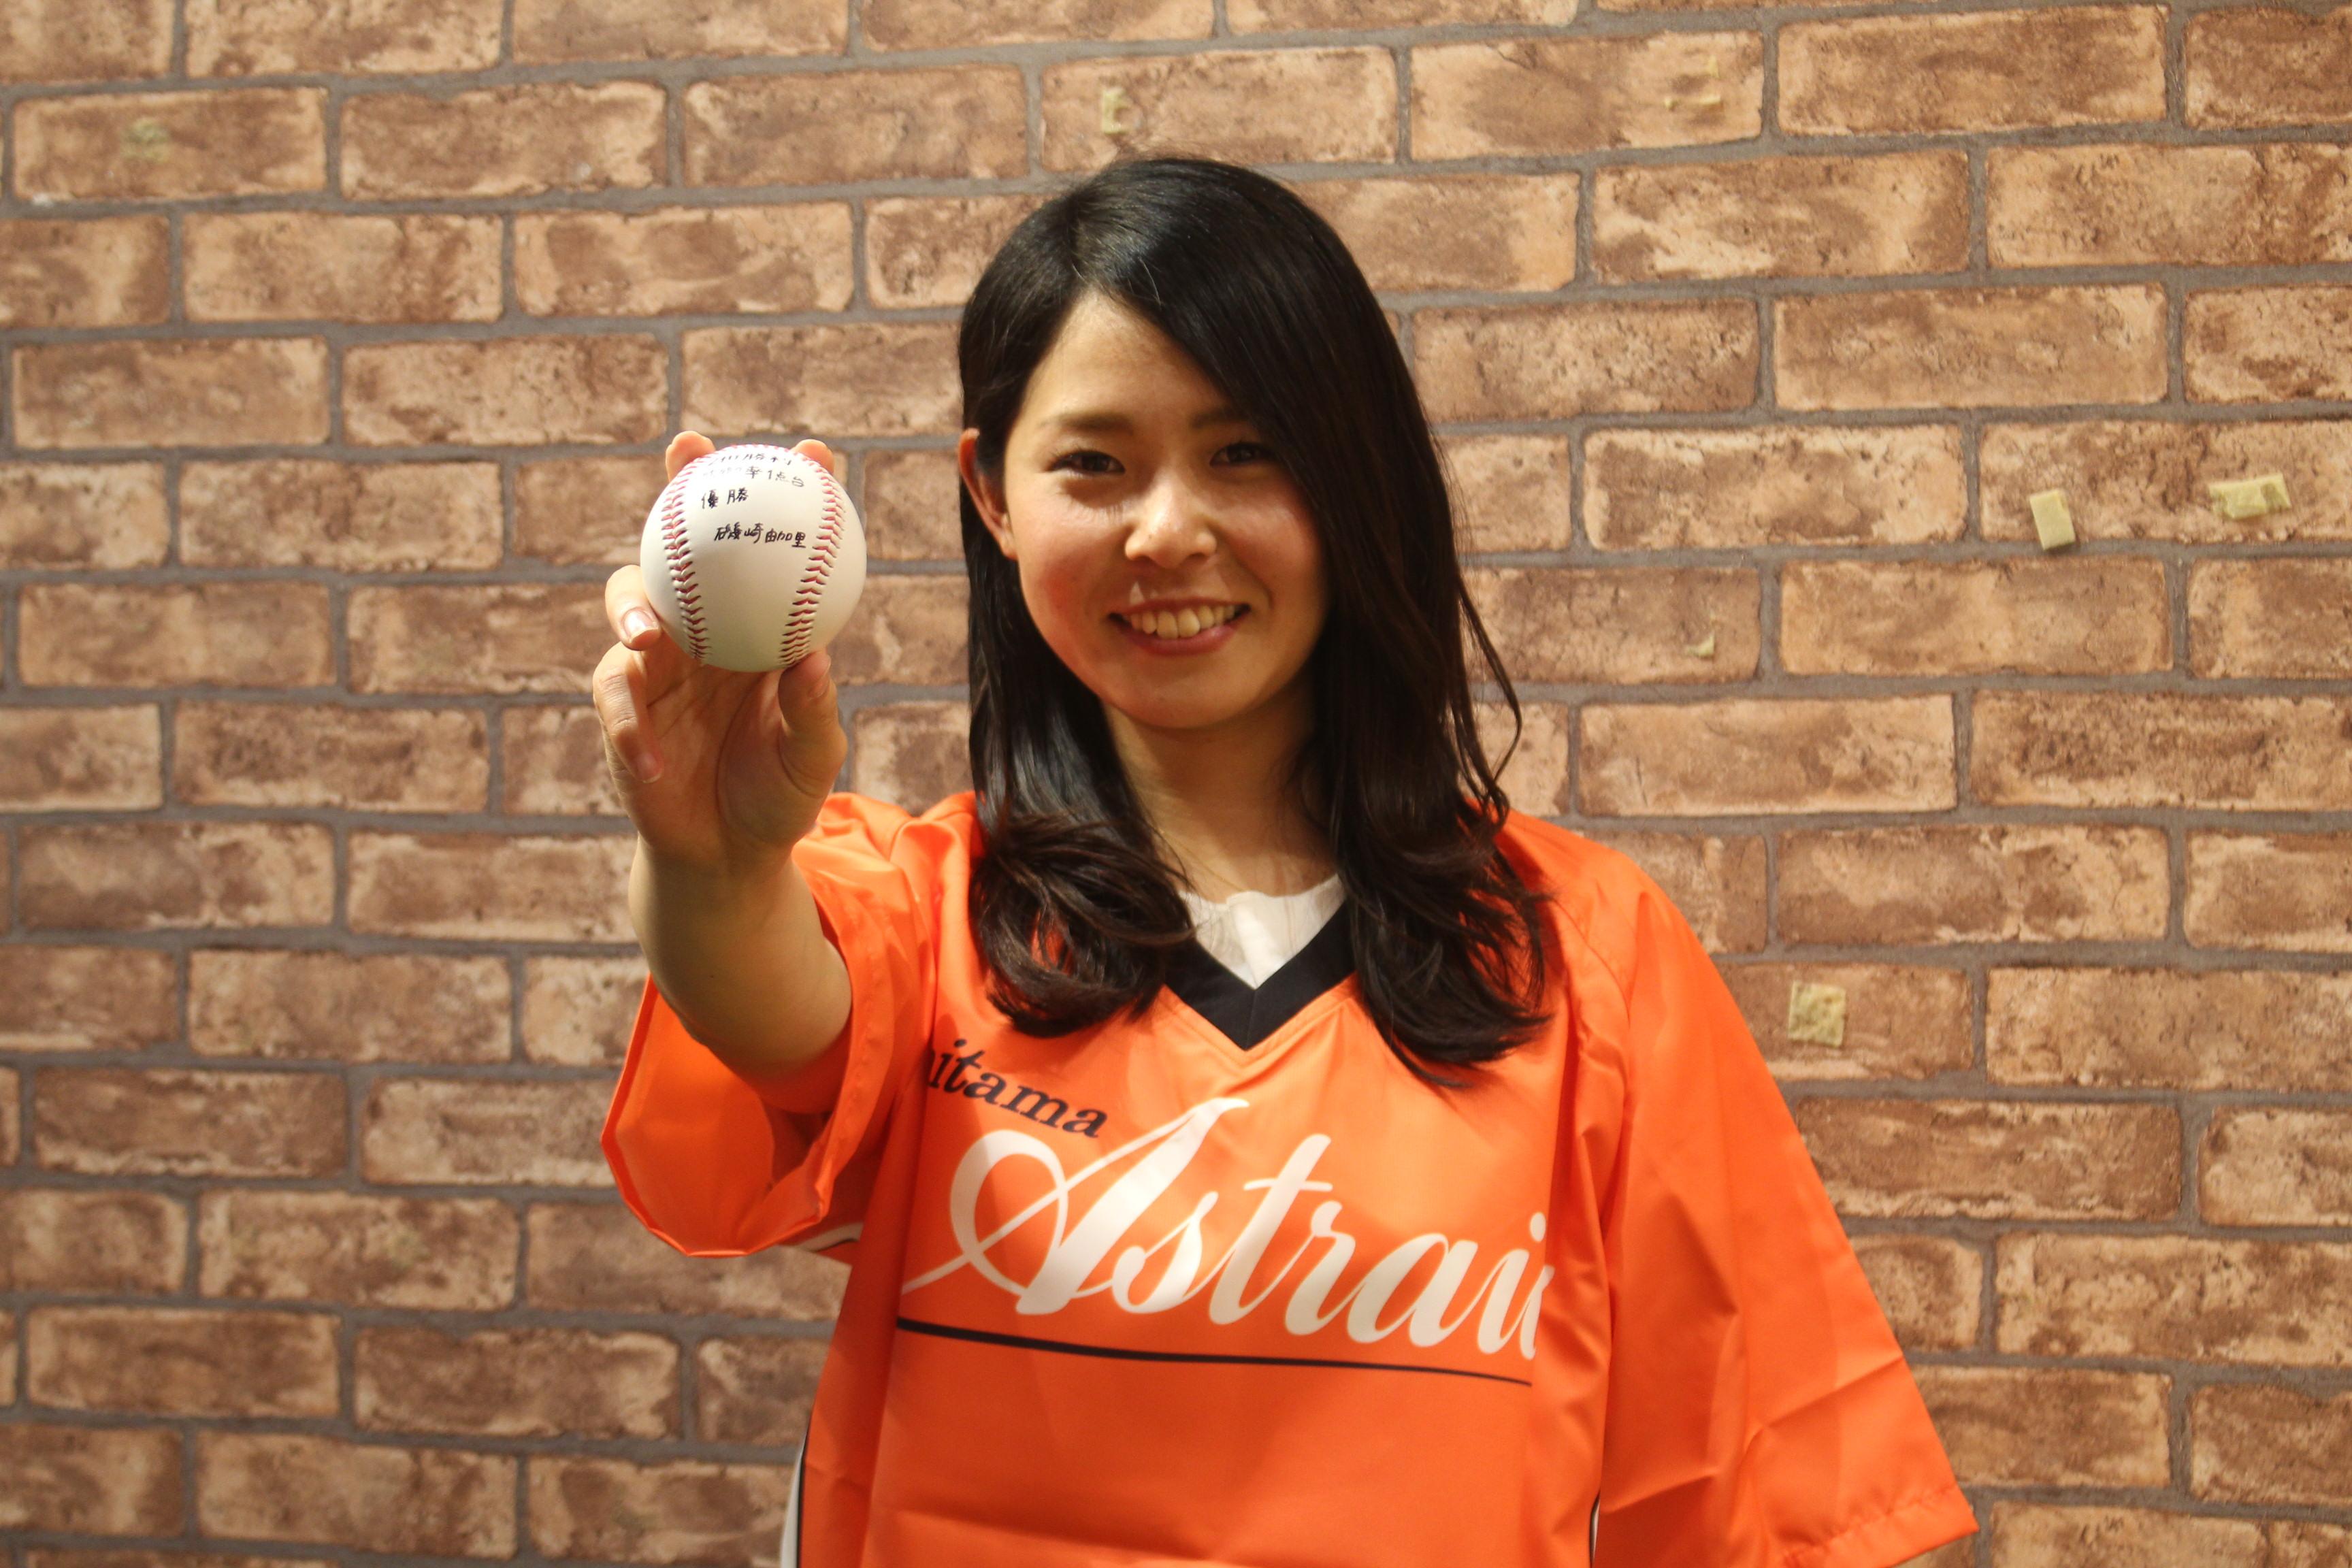 磯崎 由加里 (いそざき ゆかり、1991年7月26日 - ) は、日本の女子プロ野球選手。2019年時点で、埼玉アストライアに所属している。愛称 (ニックネーム) は「いっそ~」が目標をかいたボールを前に出す写真